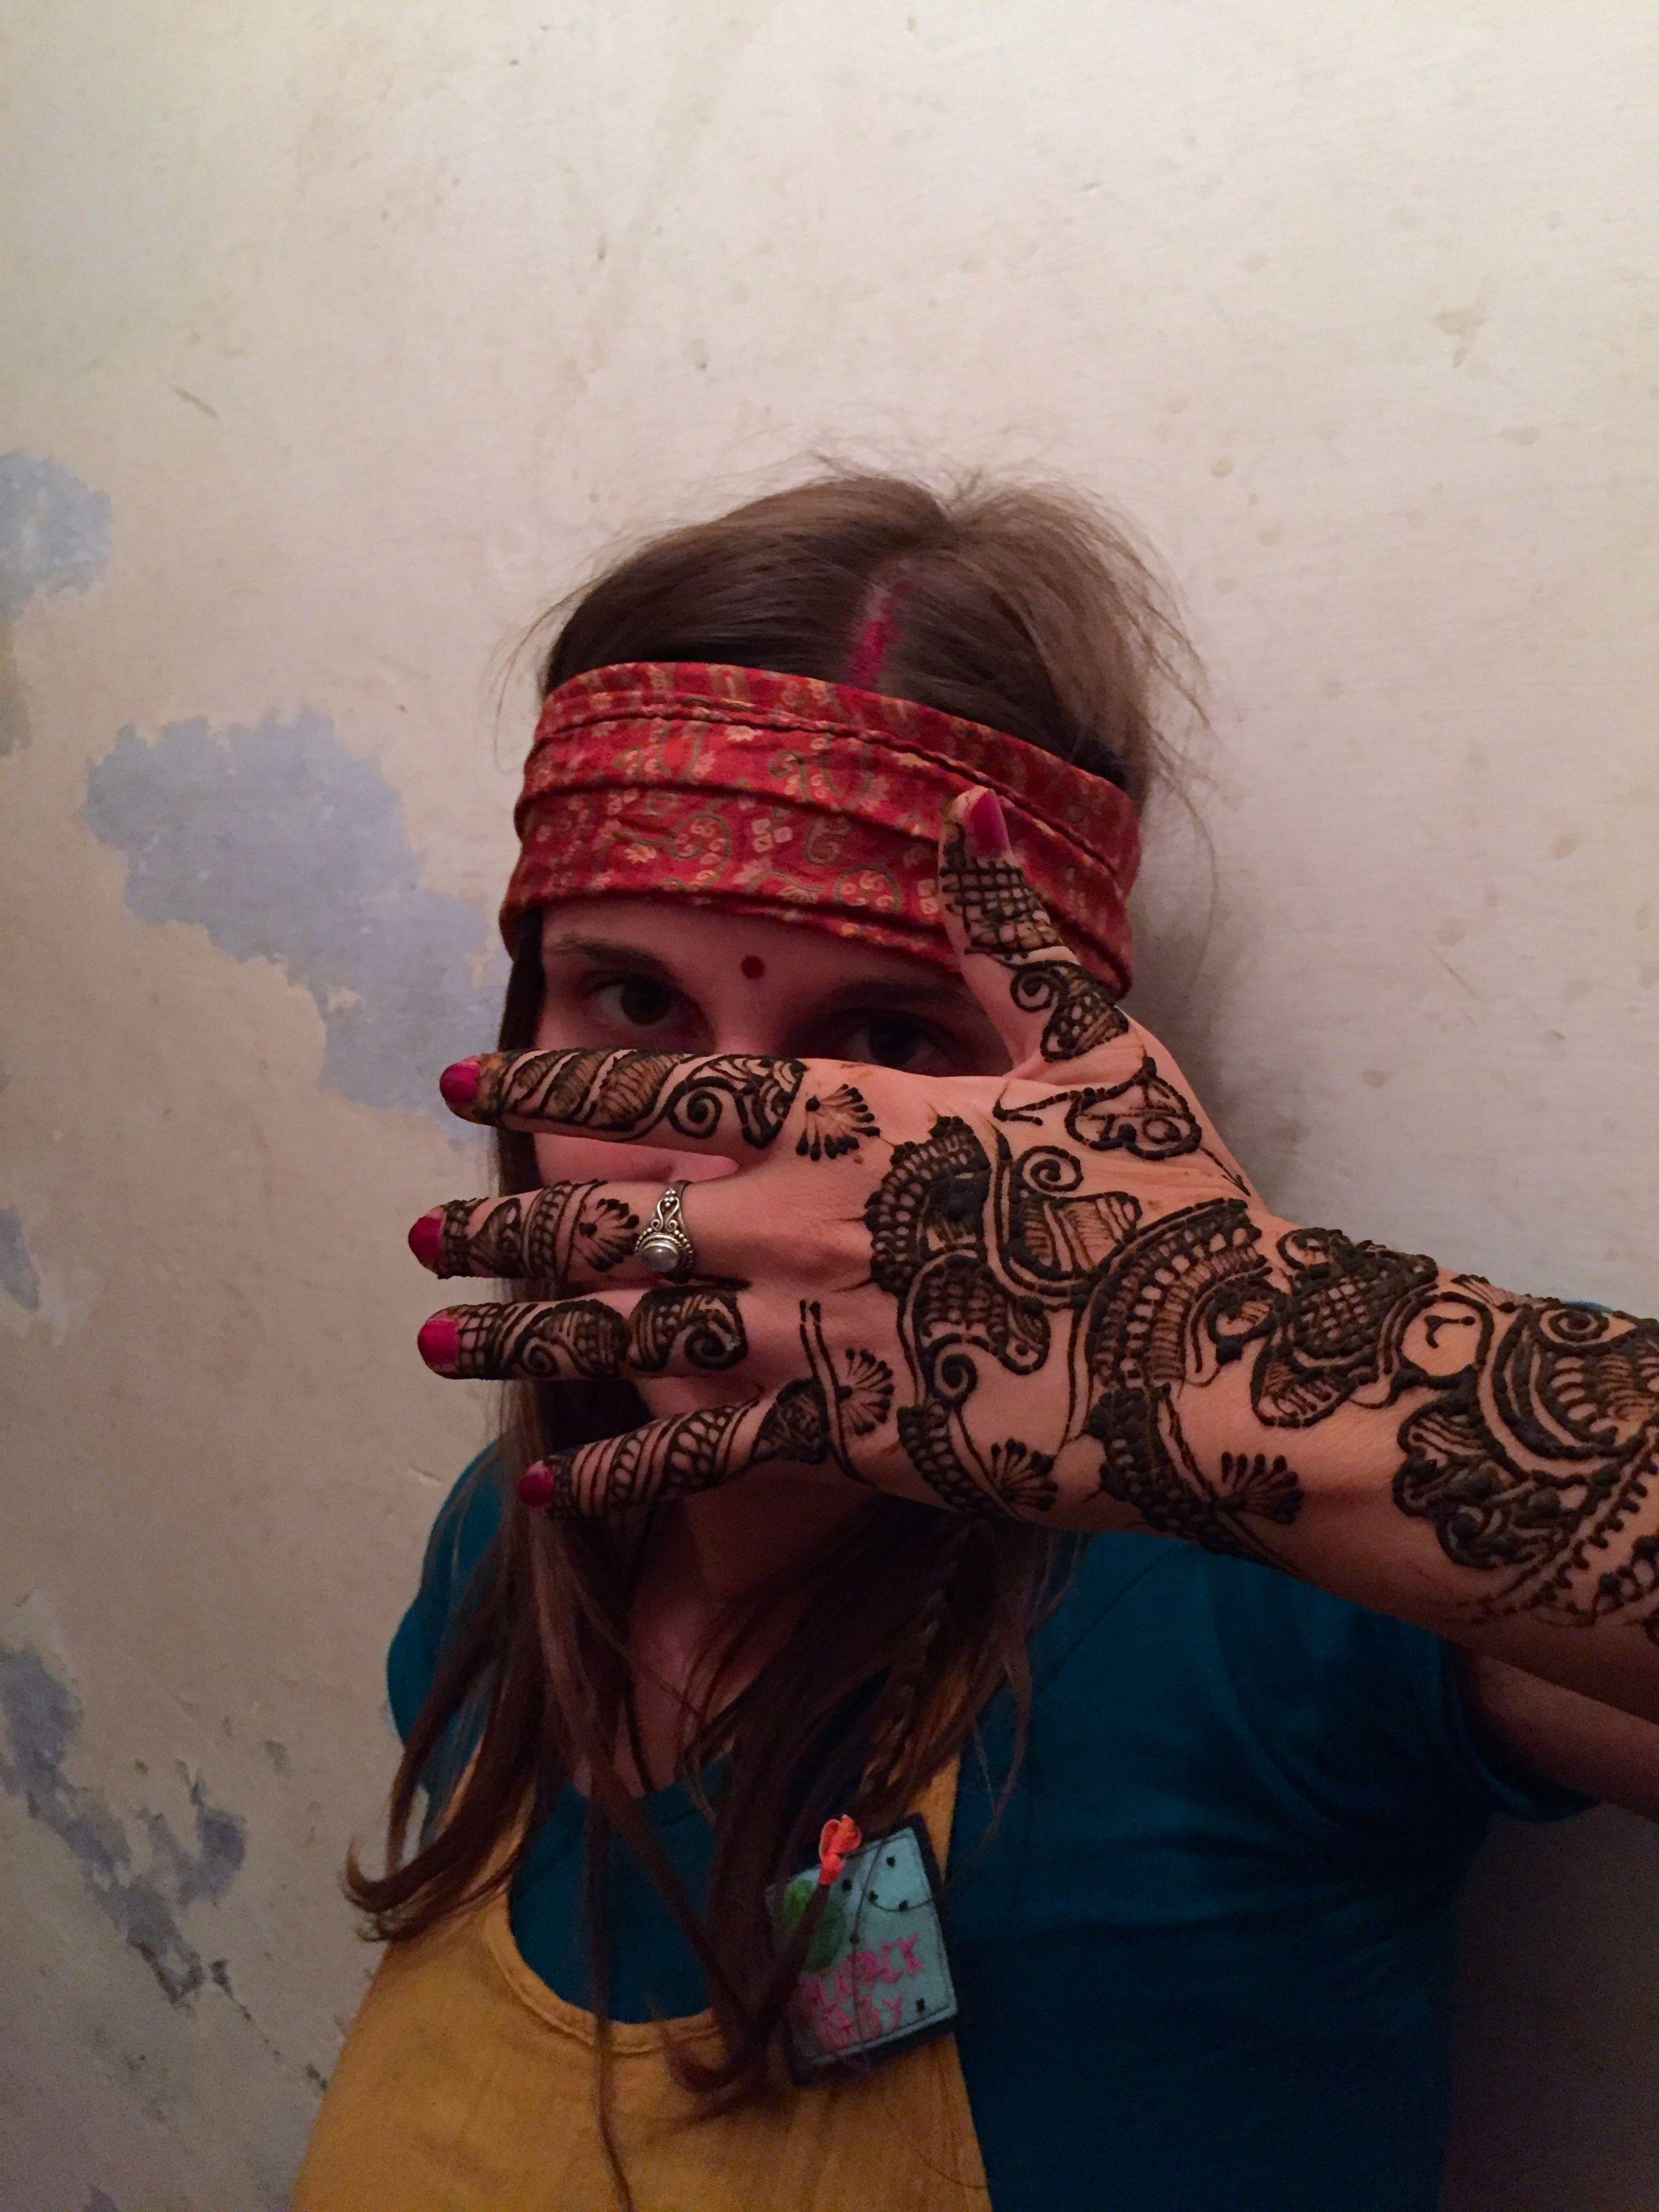 Josi mit Henna-Tattoo auf dem Arm.